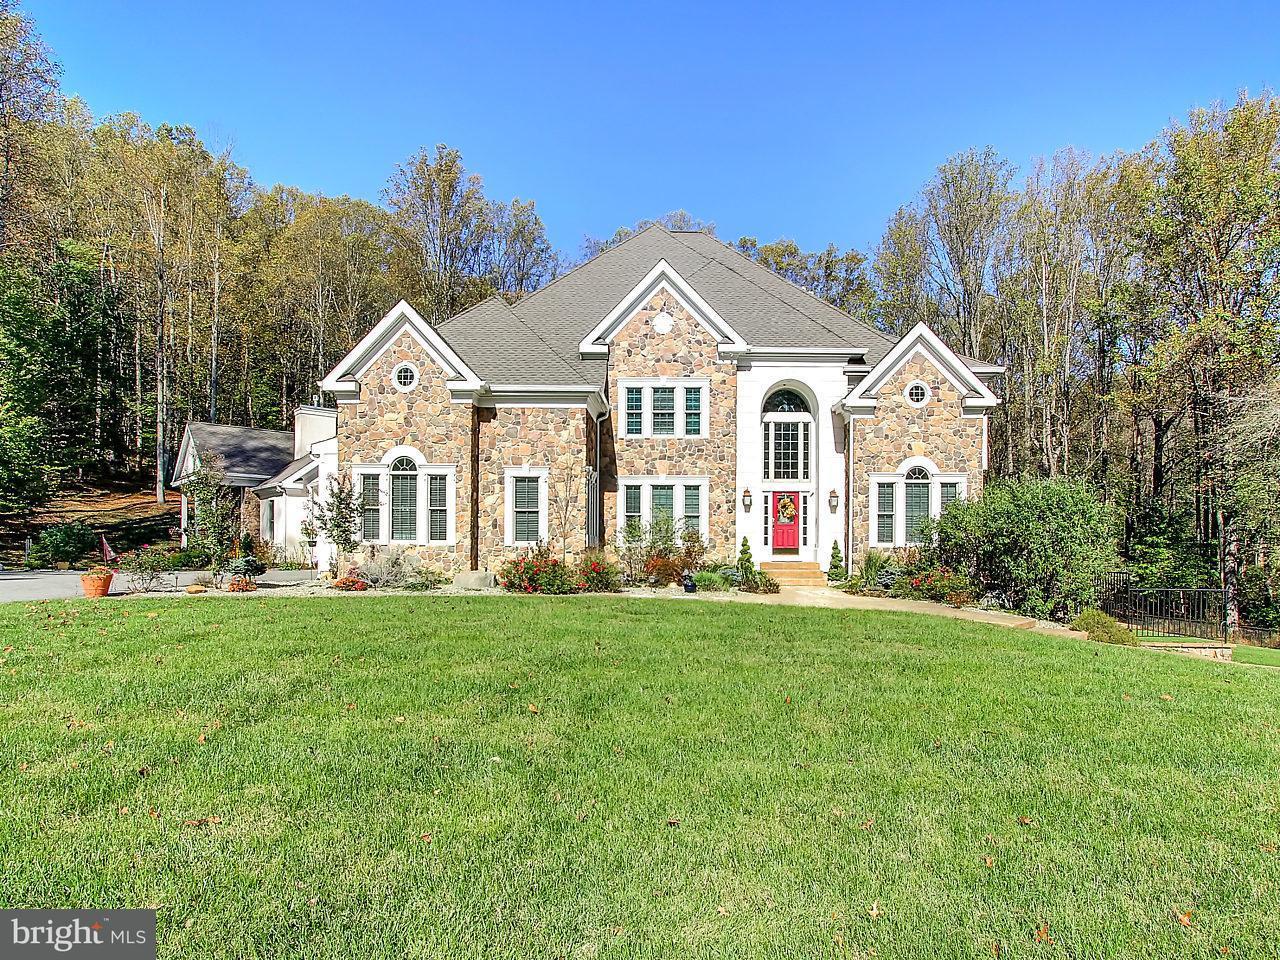 一戸建て のために 売買 アット 11130 OLD CARRIAGE Road 11130 OLD CARRIAGE Road Glen Arm, メリーランド 21057 アメリカ合衆国